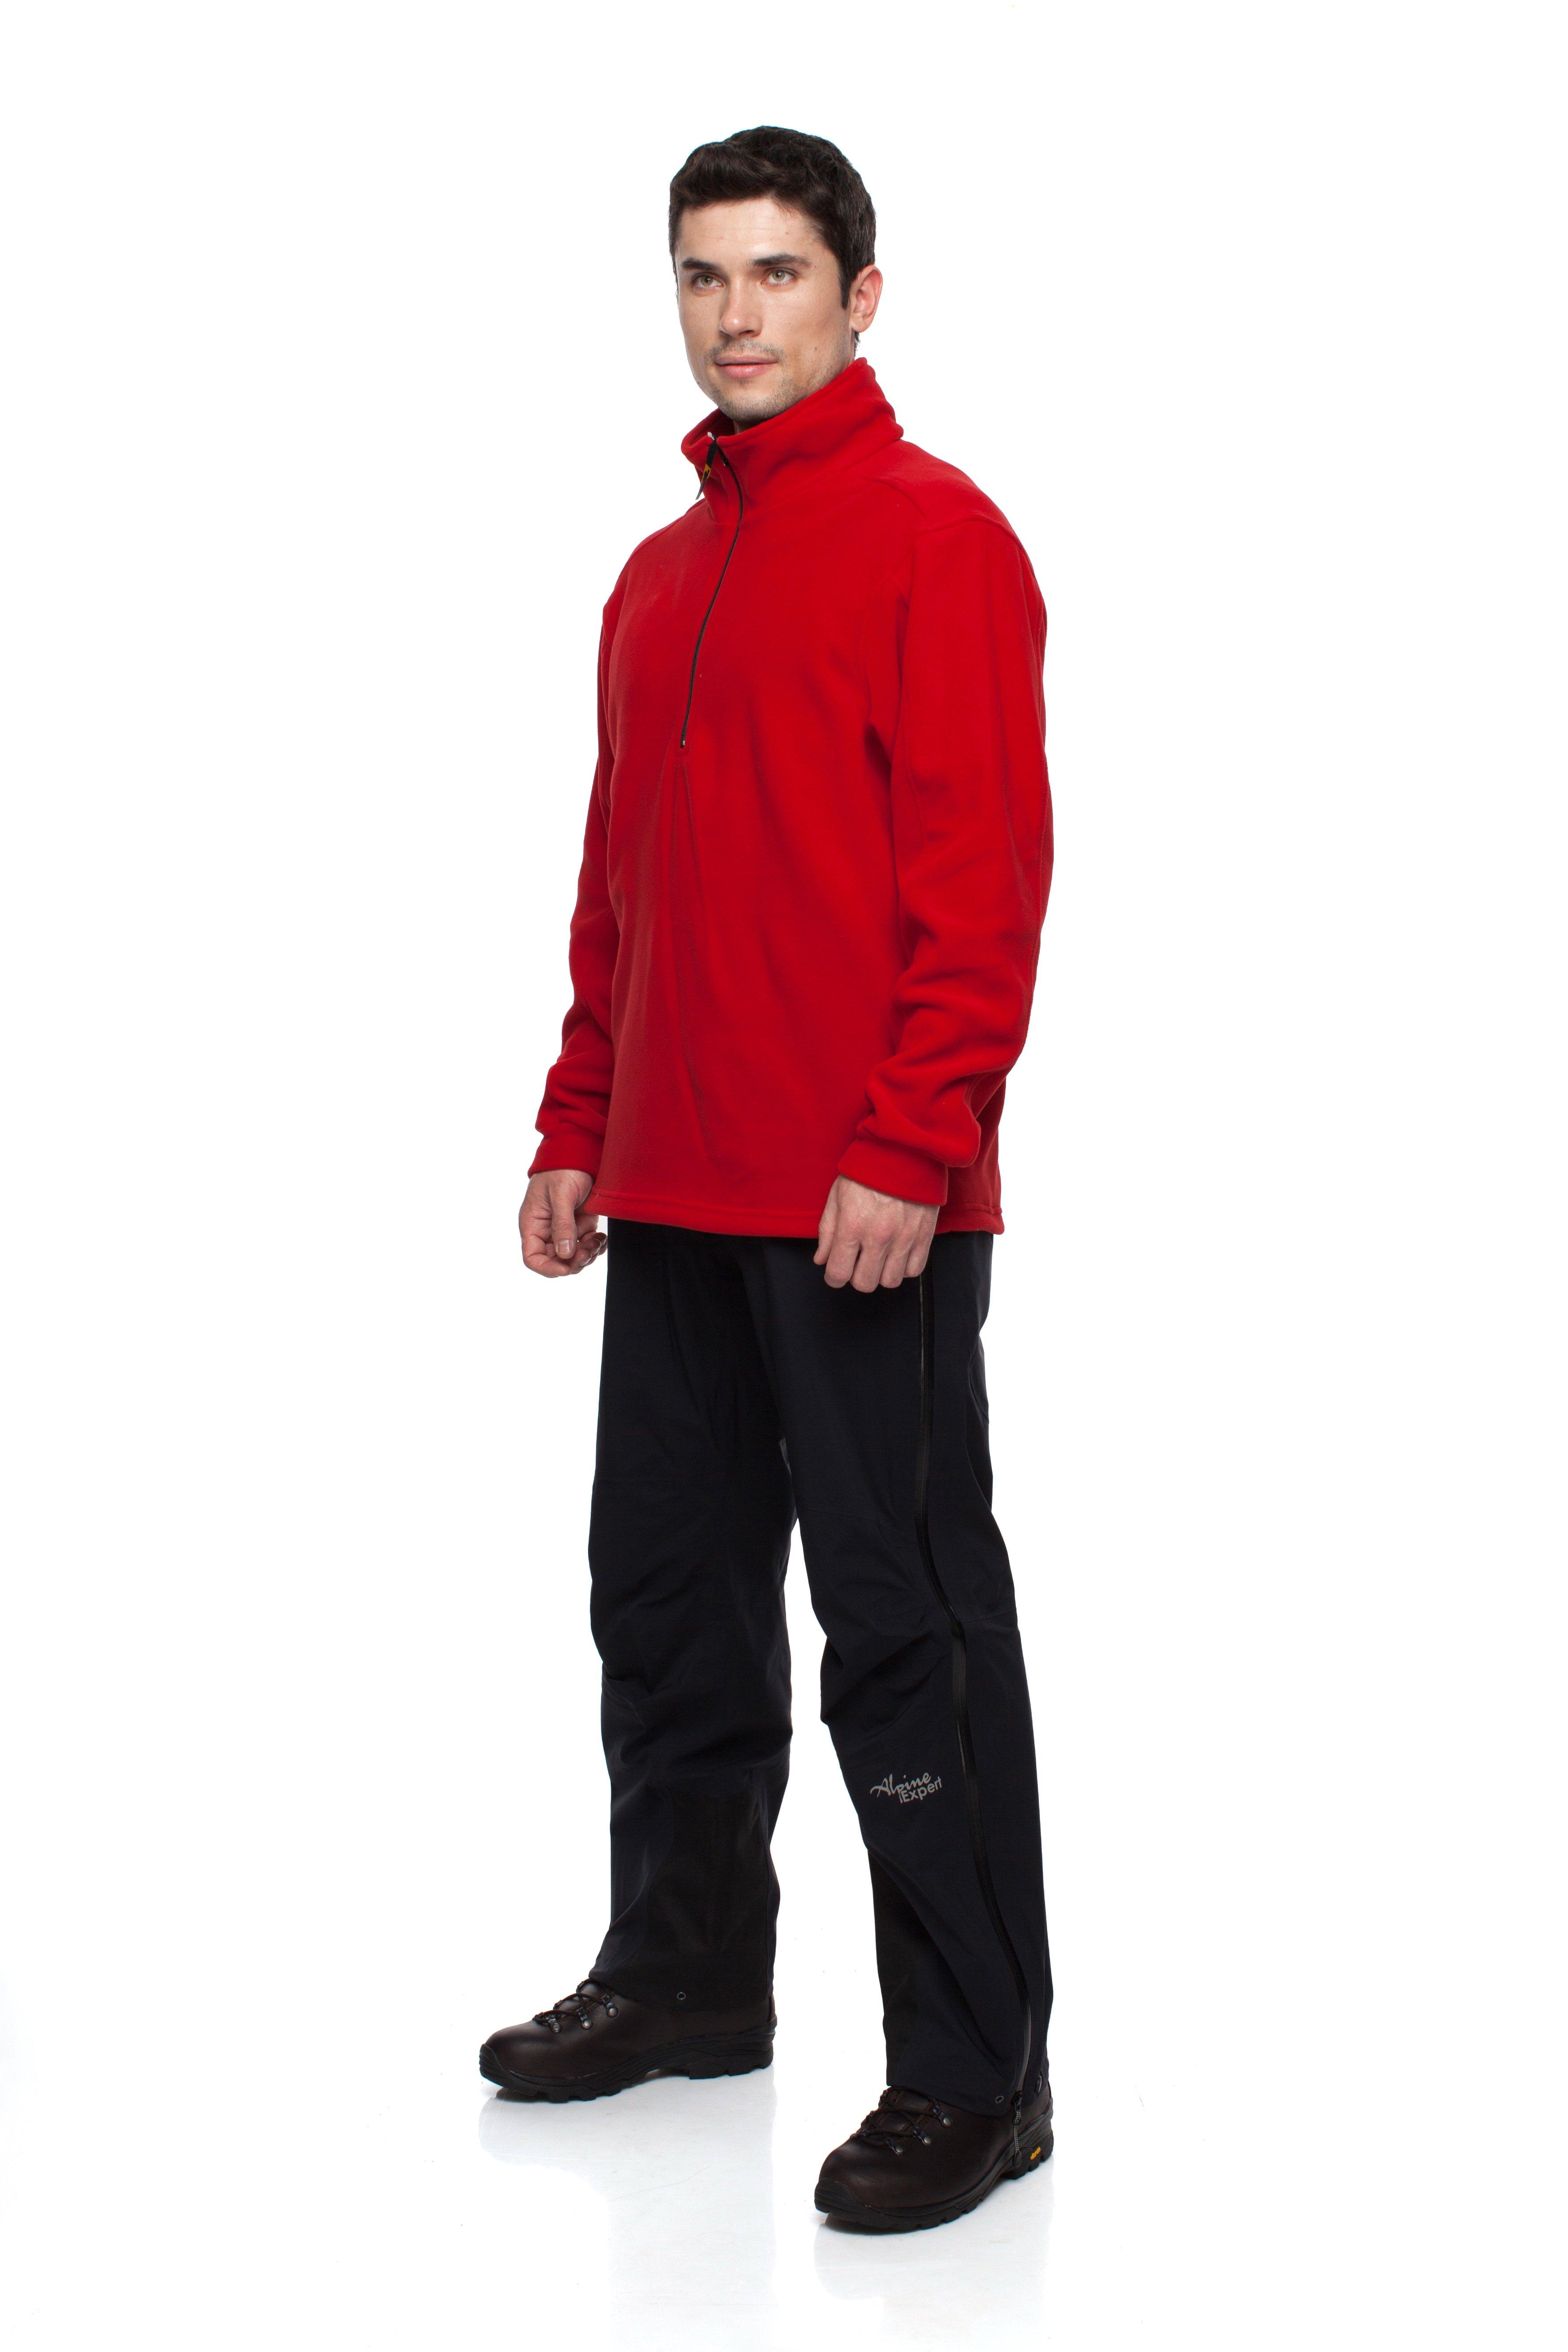 Куртка BASK SCORPIO MJ V2 1217AФлисовые куртки<br><br><br>Боковые карманы: Нет<br>Вес граммы: 350<br>Ветрозащитная планка: Нет<br>Внутренние карманы: Нет<br>Коллекция: POLARTEC<br>Материал: Polartec® Classic 100<br>Материал усиления: Нет<br>Нагрудные карманы: Нет<br>Пол: Мужской<br>Регулировка вентиляции: Нет<br>Регулировка низа: Да<br>Регулируемые вентиляционные отверстия: Нет<br>Тип молнии: Однозамковая<br>Усиление контактных зон: Нет<br>Размер INT: M<br>Цвет: СИНИЙ